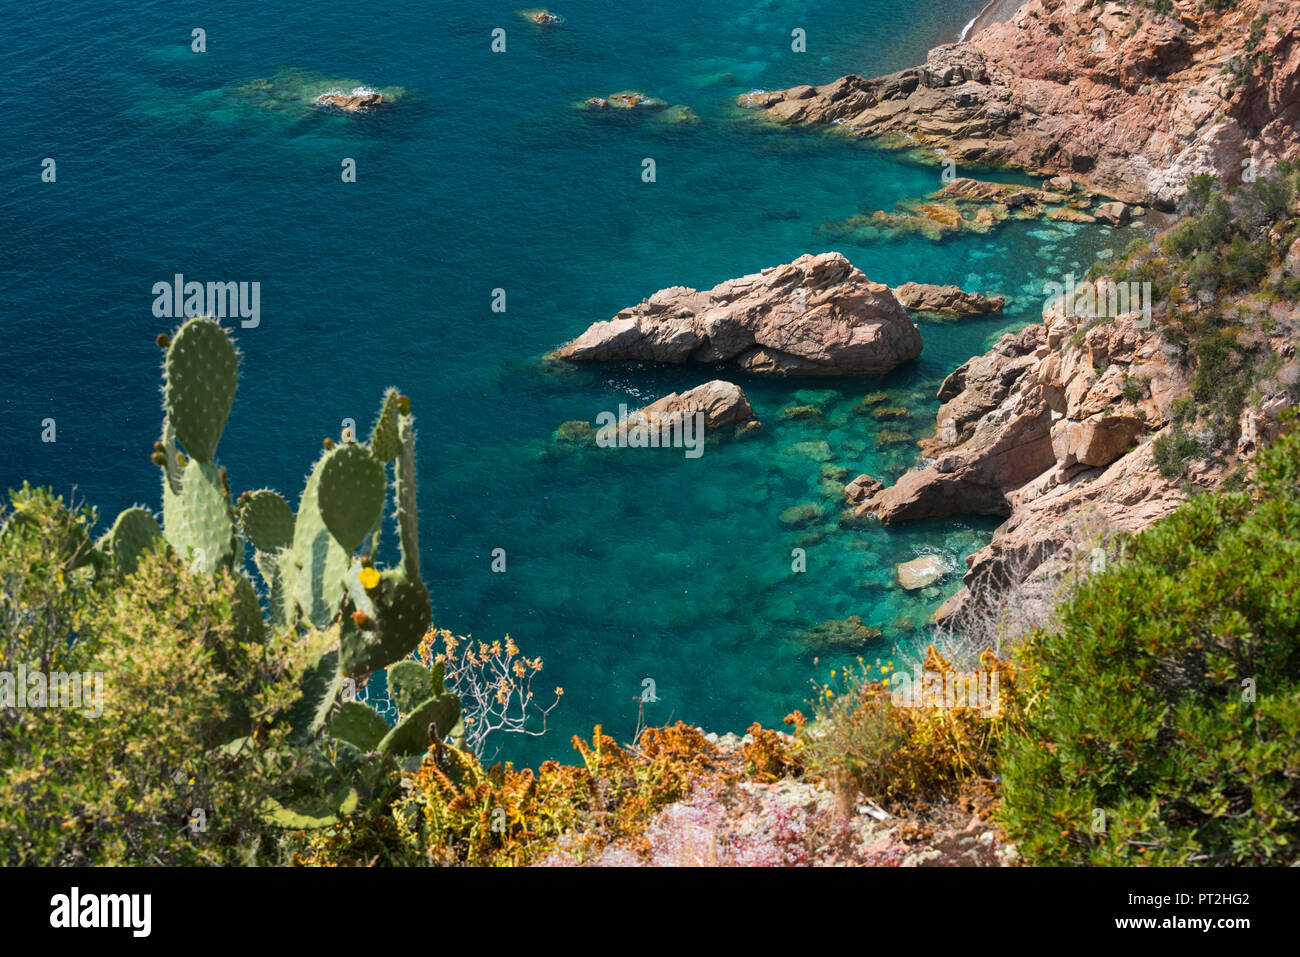 Coast of Bussaglia, Golfe di Porto, Corsica, France - Stock Image